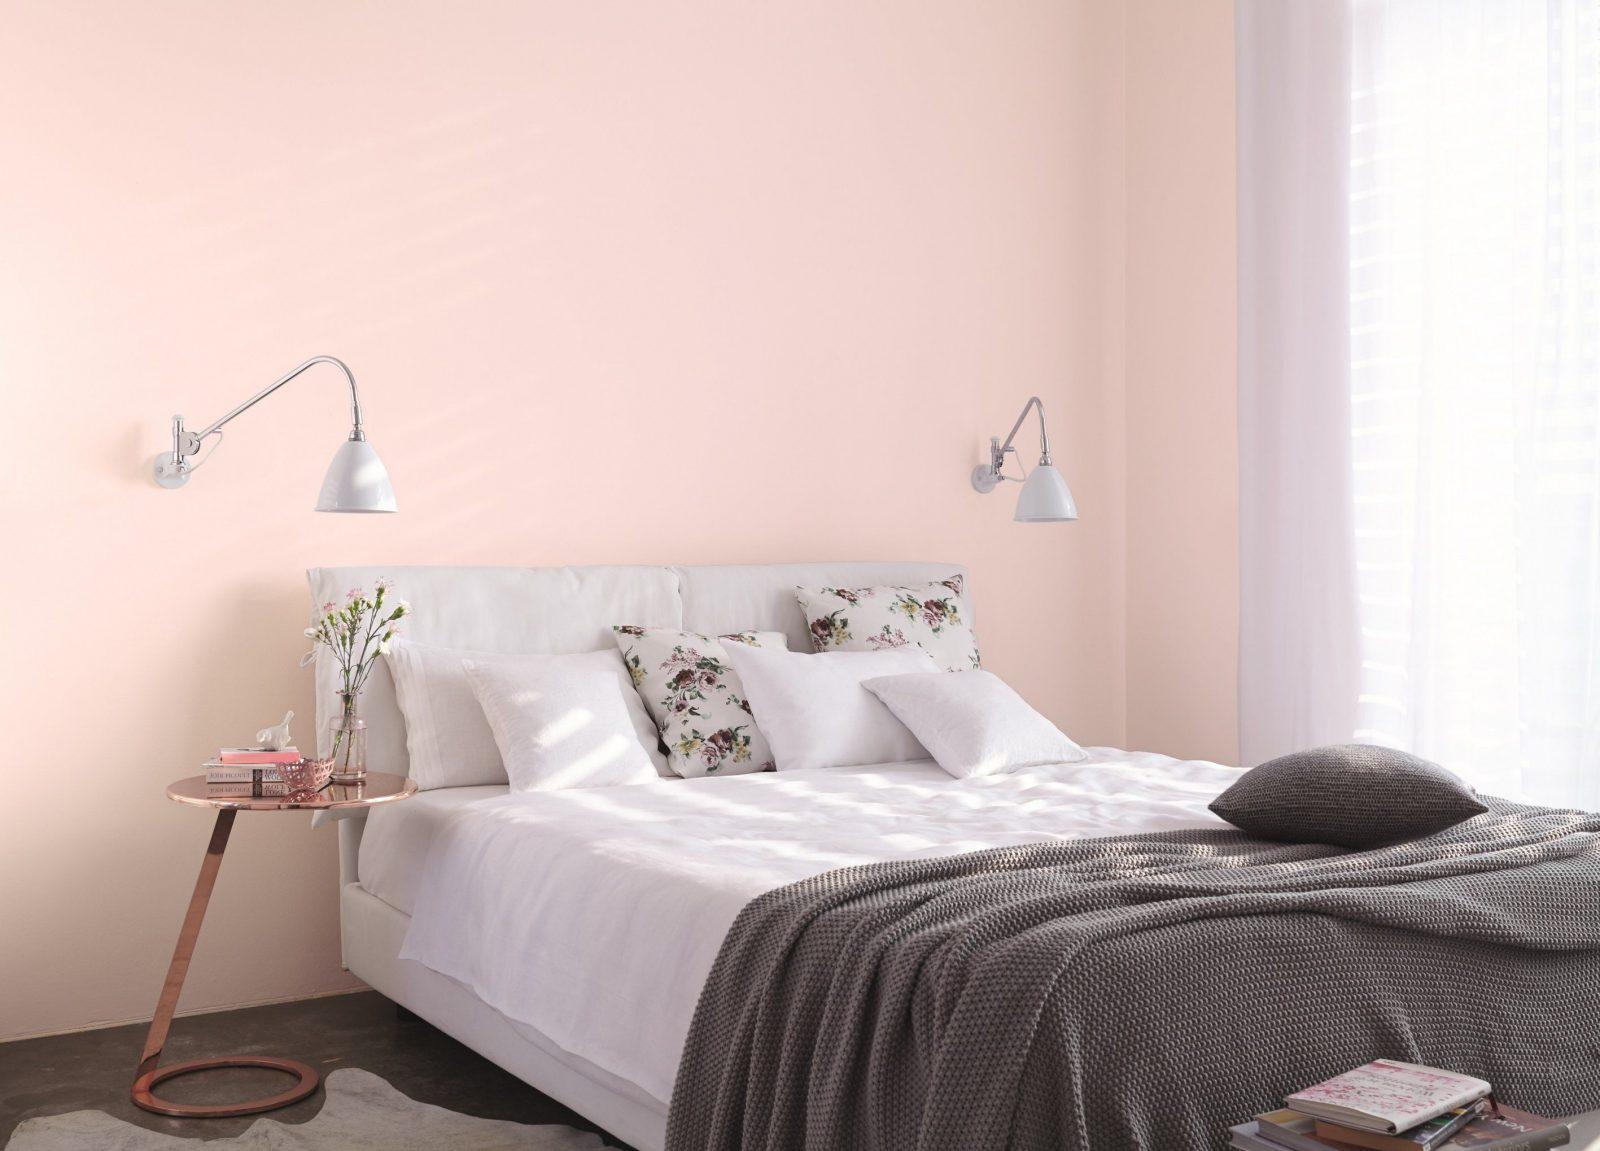 Ideen Für Die Gestaltung Vom Schlafzimmer Alpina Farbe & Einrichten von Farben Fürs Schlafzimmer Ideen Bild